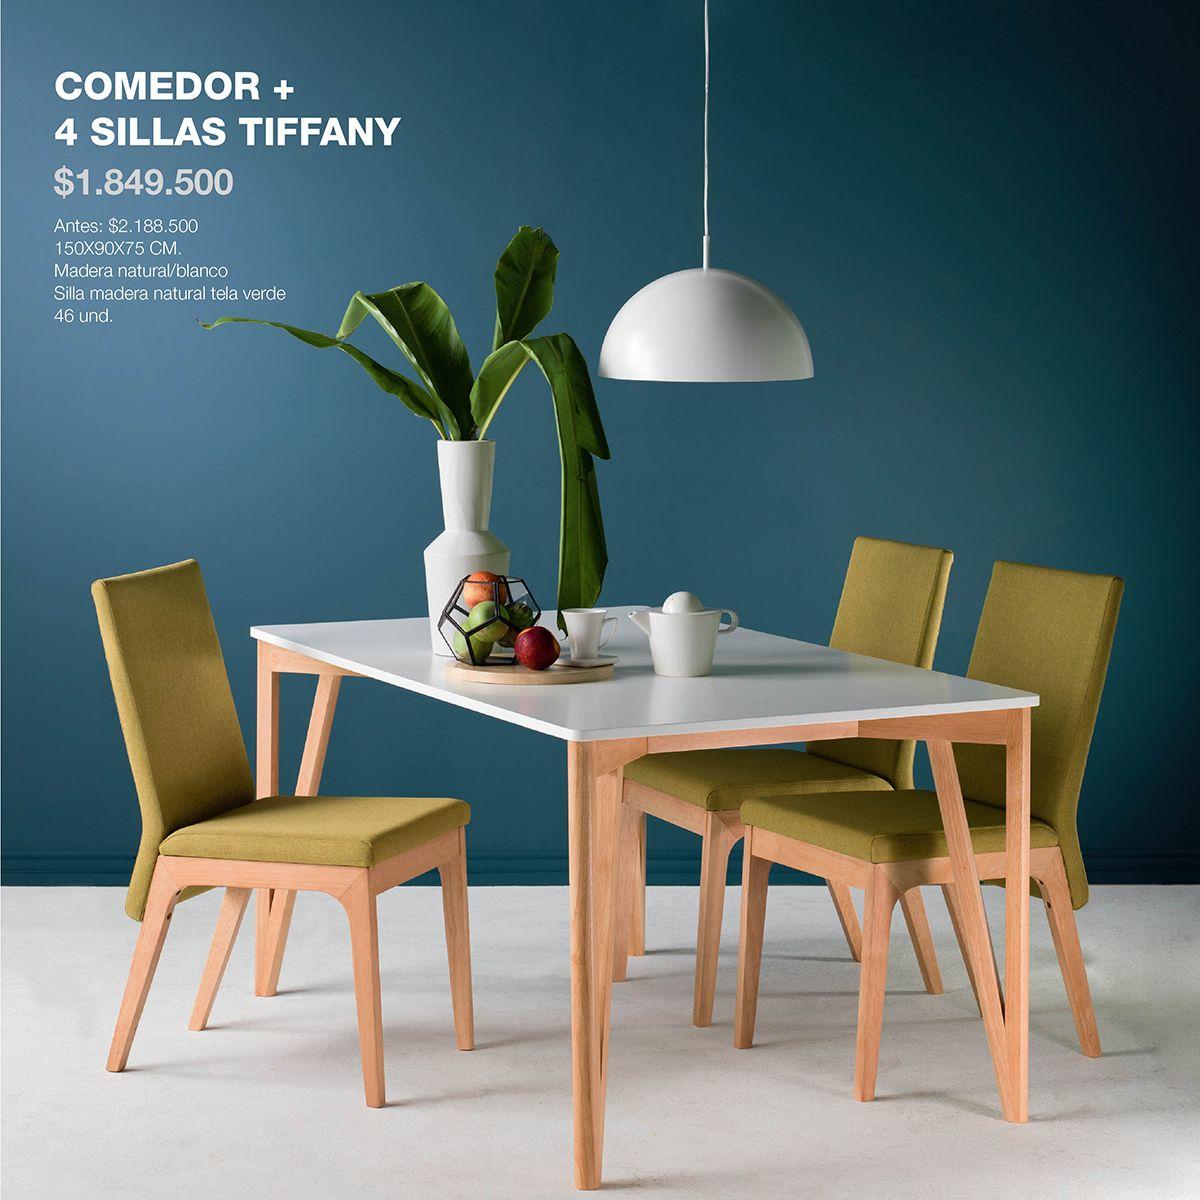 Comedor y sillas tiffany vidrio de color blanco y madera for Comedores de madera con cristal